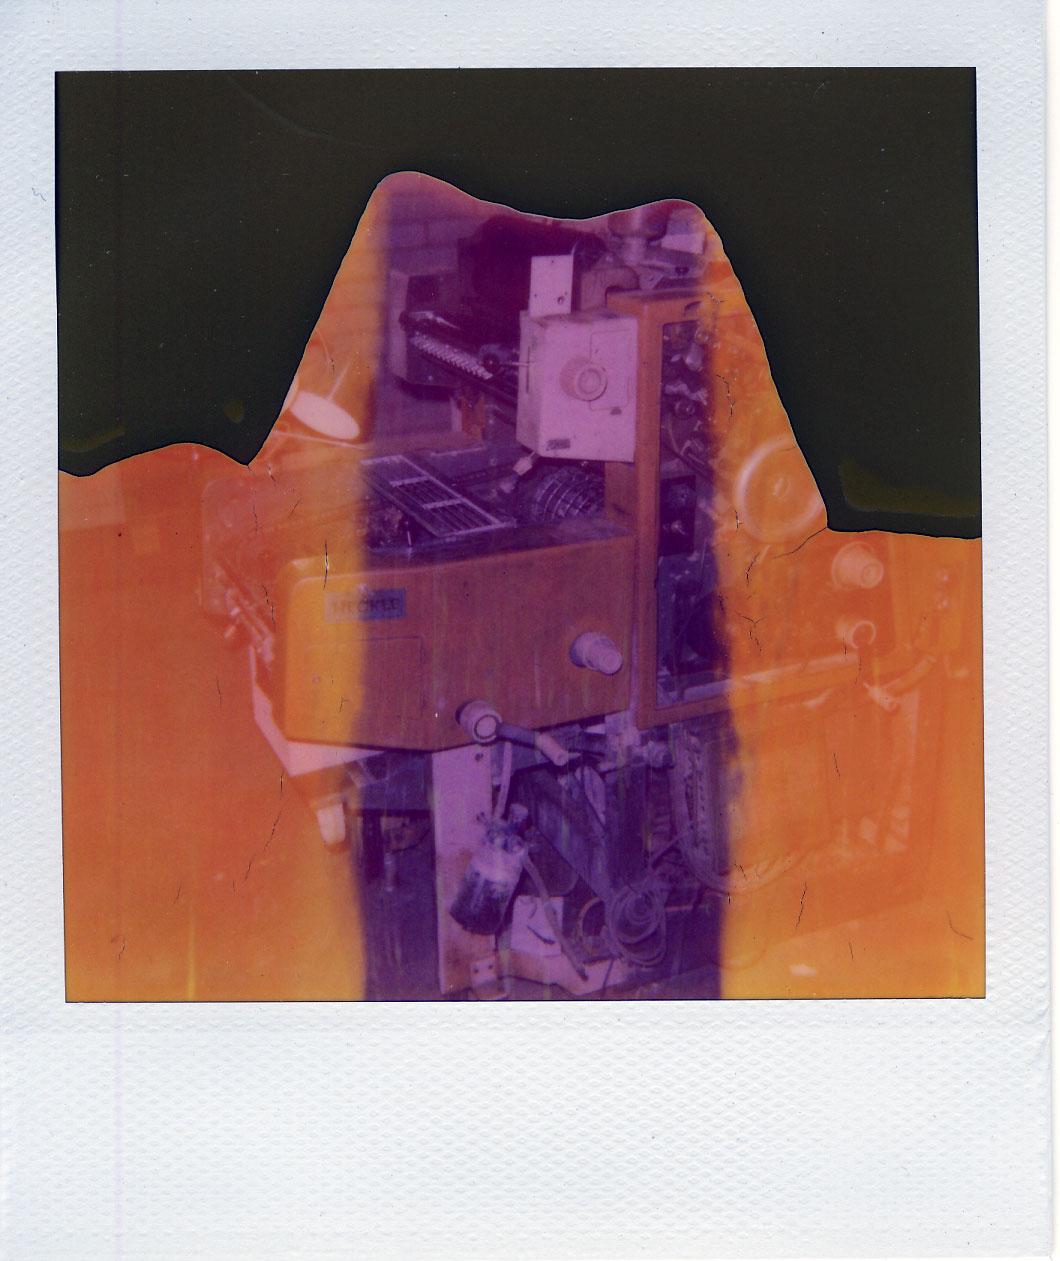 Heckle, Itek 975CD Offset Press